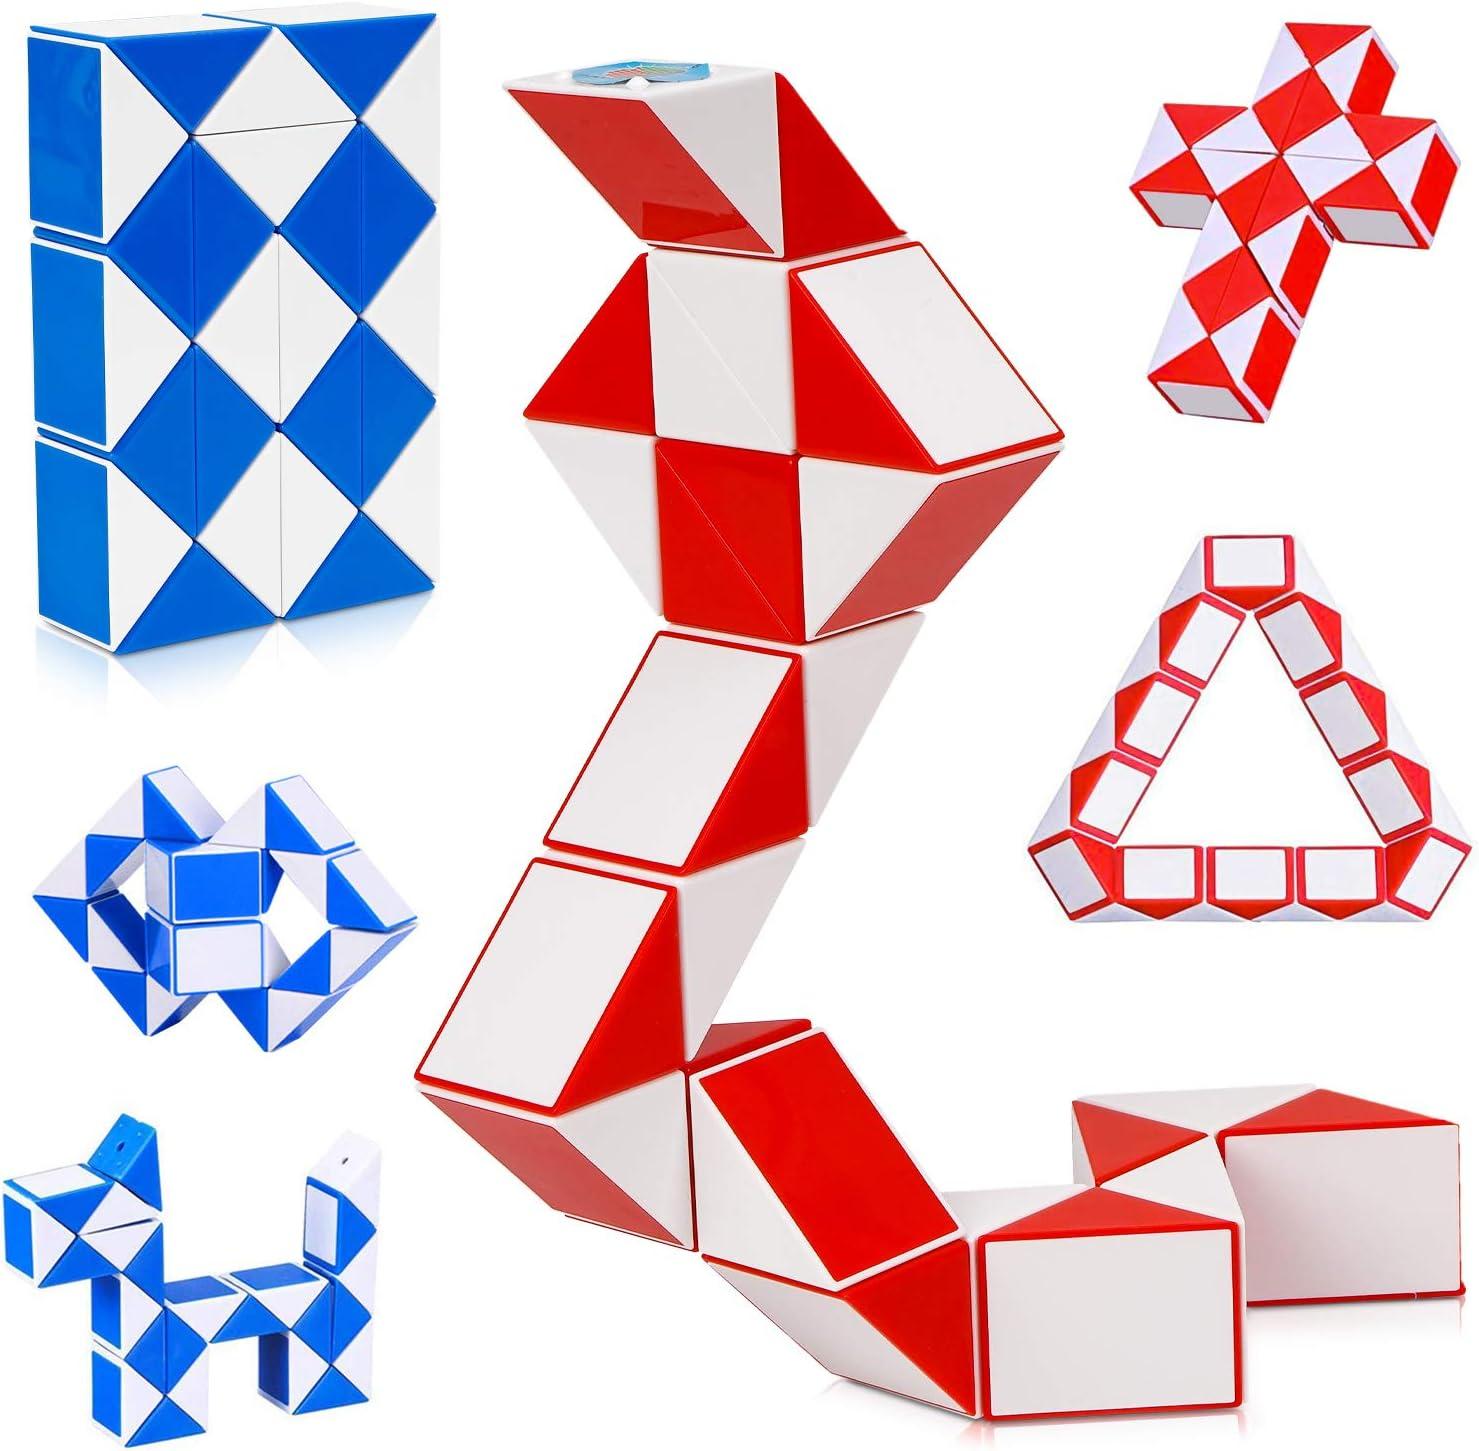 LOVEXIU Puzzle de Magia Serpiente,24 Bloques Juguetes de Rompecabezas de Snake 2Pcs,3D Magic Speed Cube Juego Twister,Cu/ñas Regla M/ágica Puzzle Educativos Toys para Ni/ños Fiestas Favores Llenadores